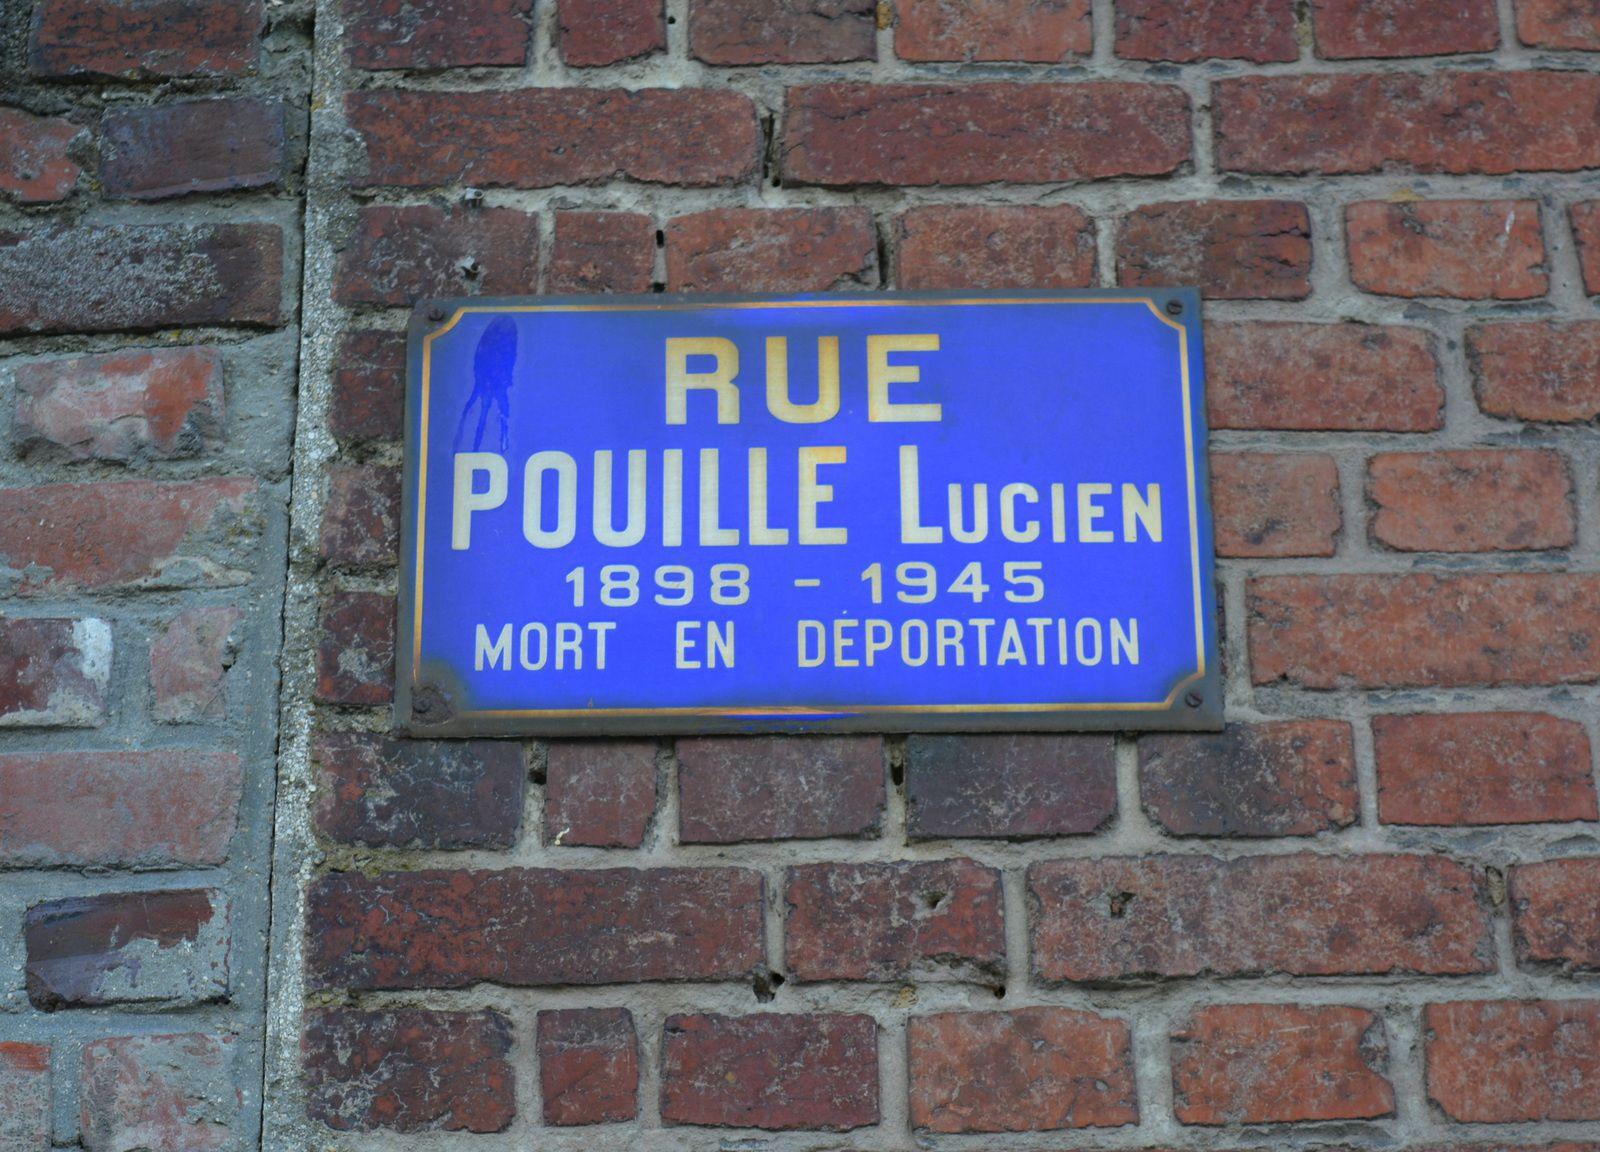 Plaque de la rue Pouille Lucien à Erre - Photo : MG, 31 juillet 2015.